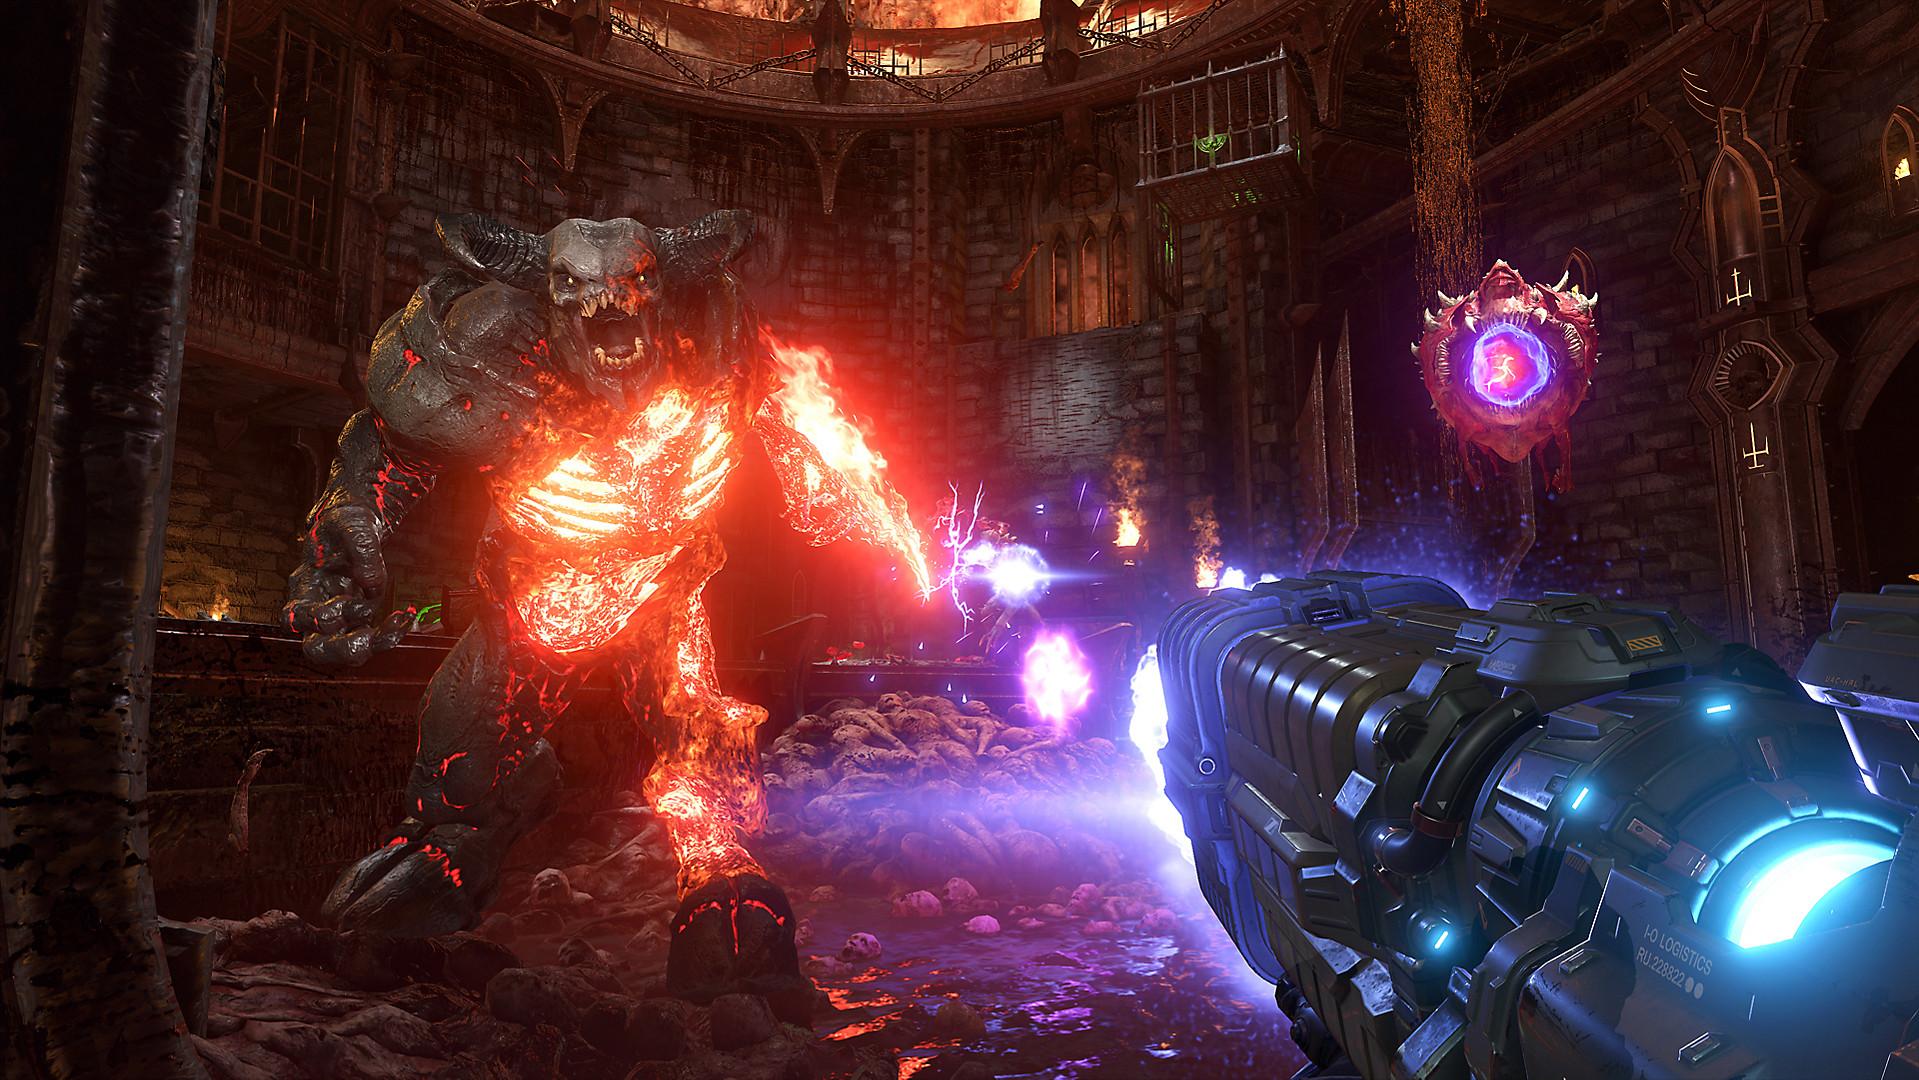 doom-eternal-screenshot-06-ps4-05feb20-e